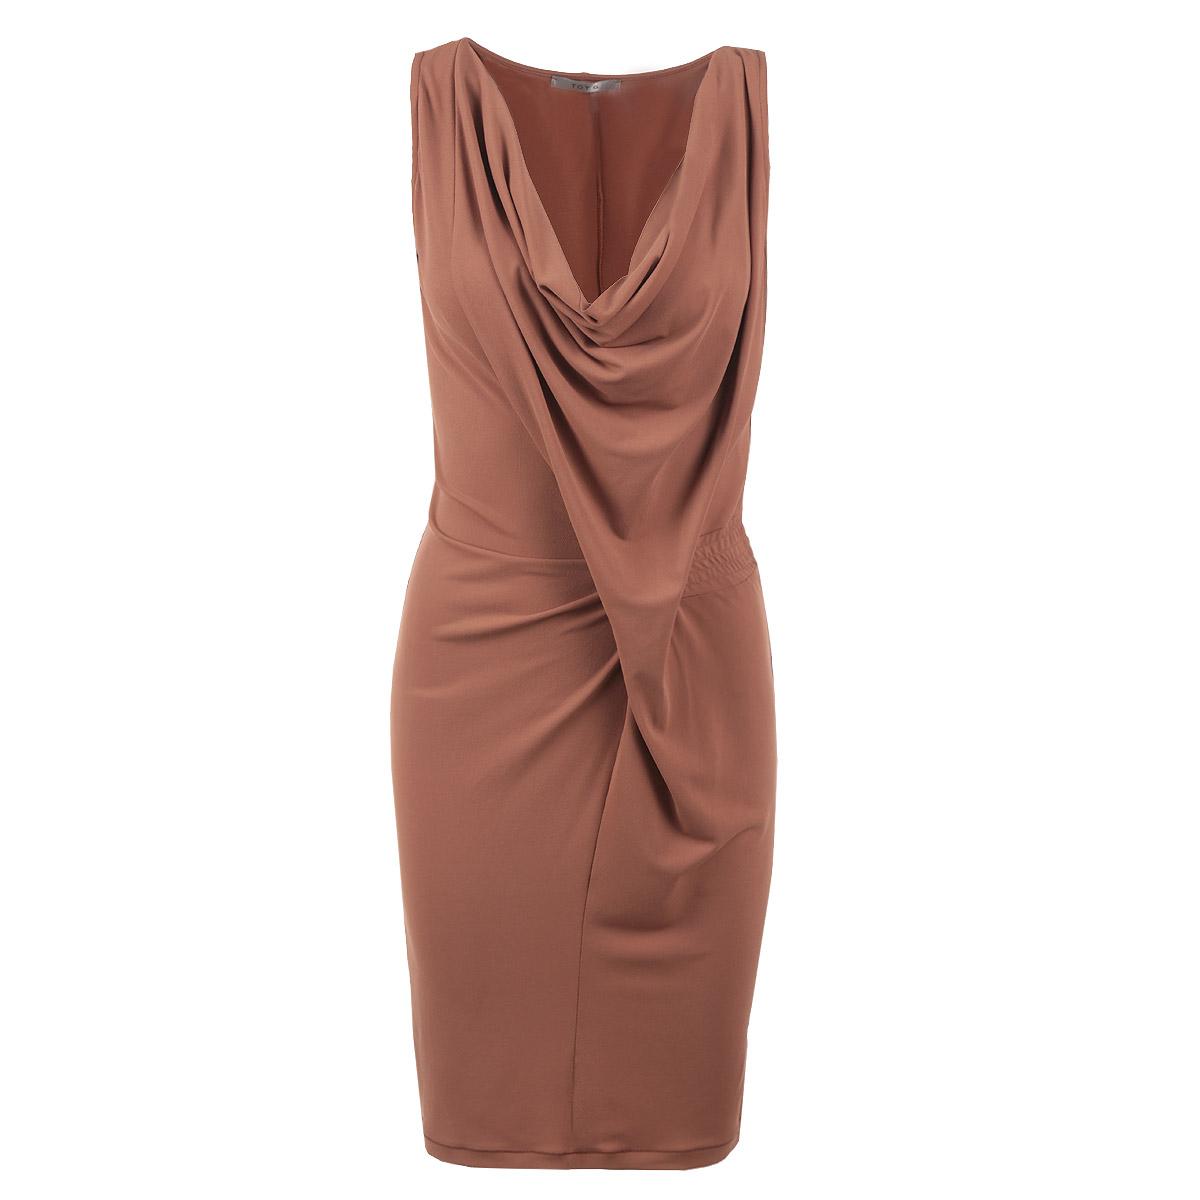 Платье Toy G, цвет: коричневый. 61D2H9. Размер M (46)61D2H9Оригинальное женское платье Toy G, выполненное из высококачественного материала, будет отлично смотреться на вас. Модель оригинального кроя с глубоким V-образным каскадным вырезом горловины и без рукавов. С боку на талии платье оформлено вставкой с эластичной резинкой.Это платье идеальный вариант для вашего гардероба. Идеальный вариант для создания эффектного образа.